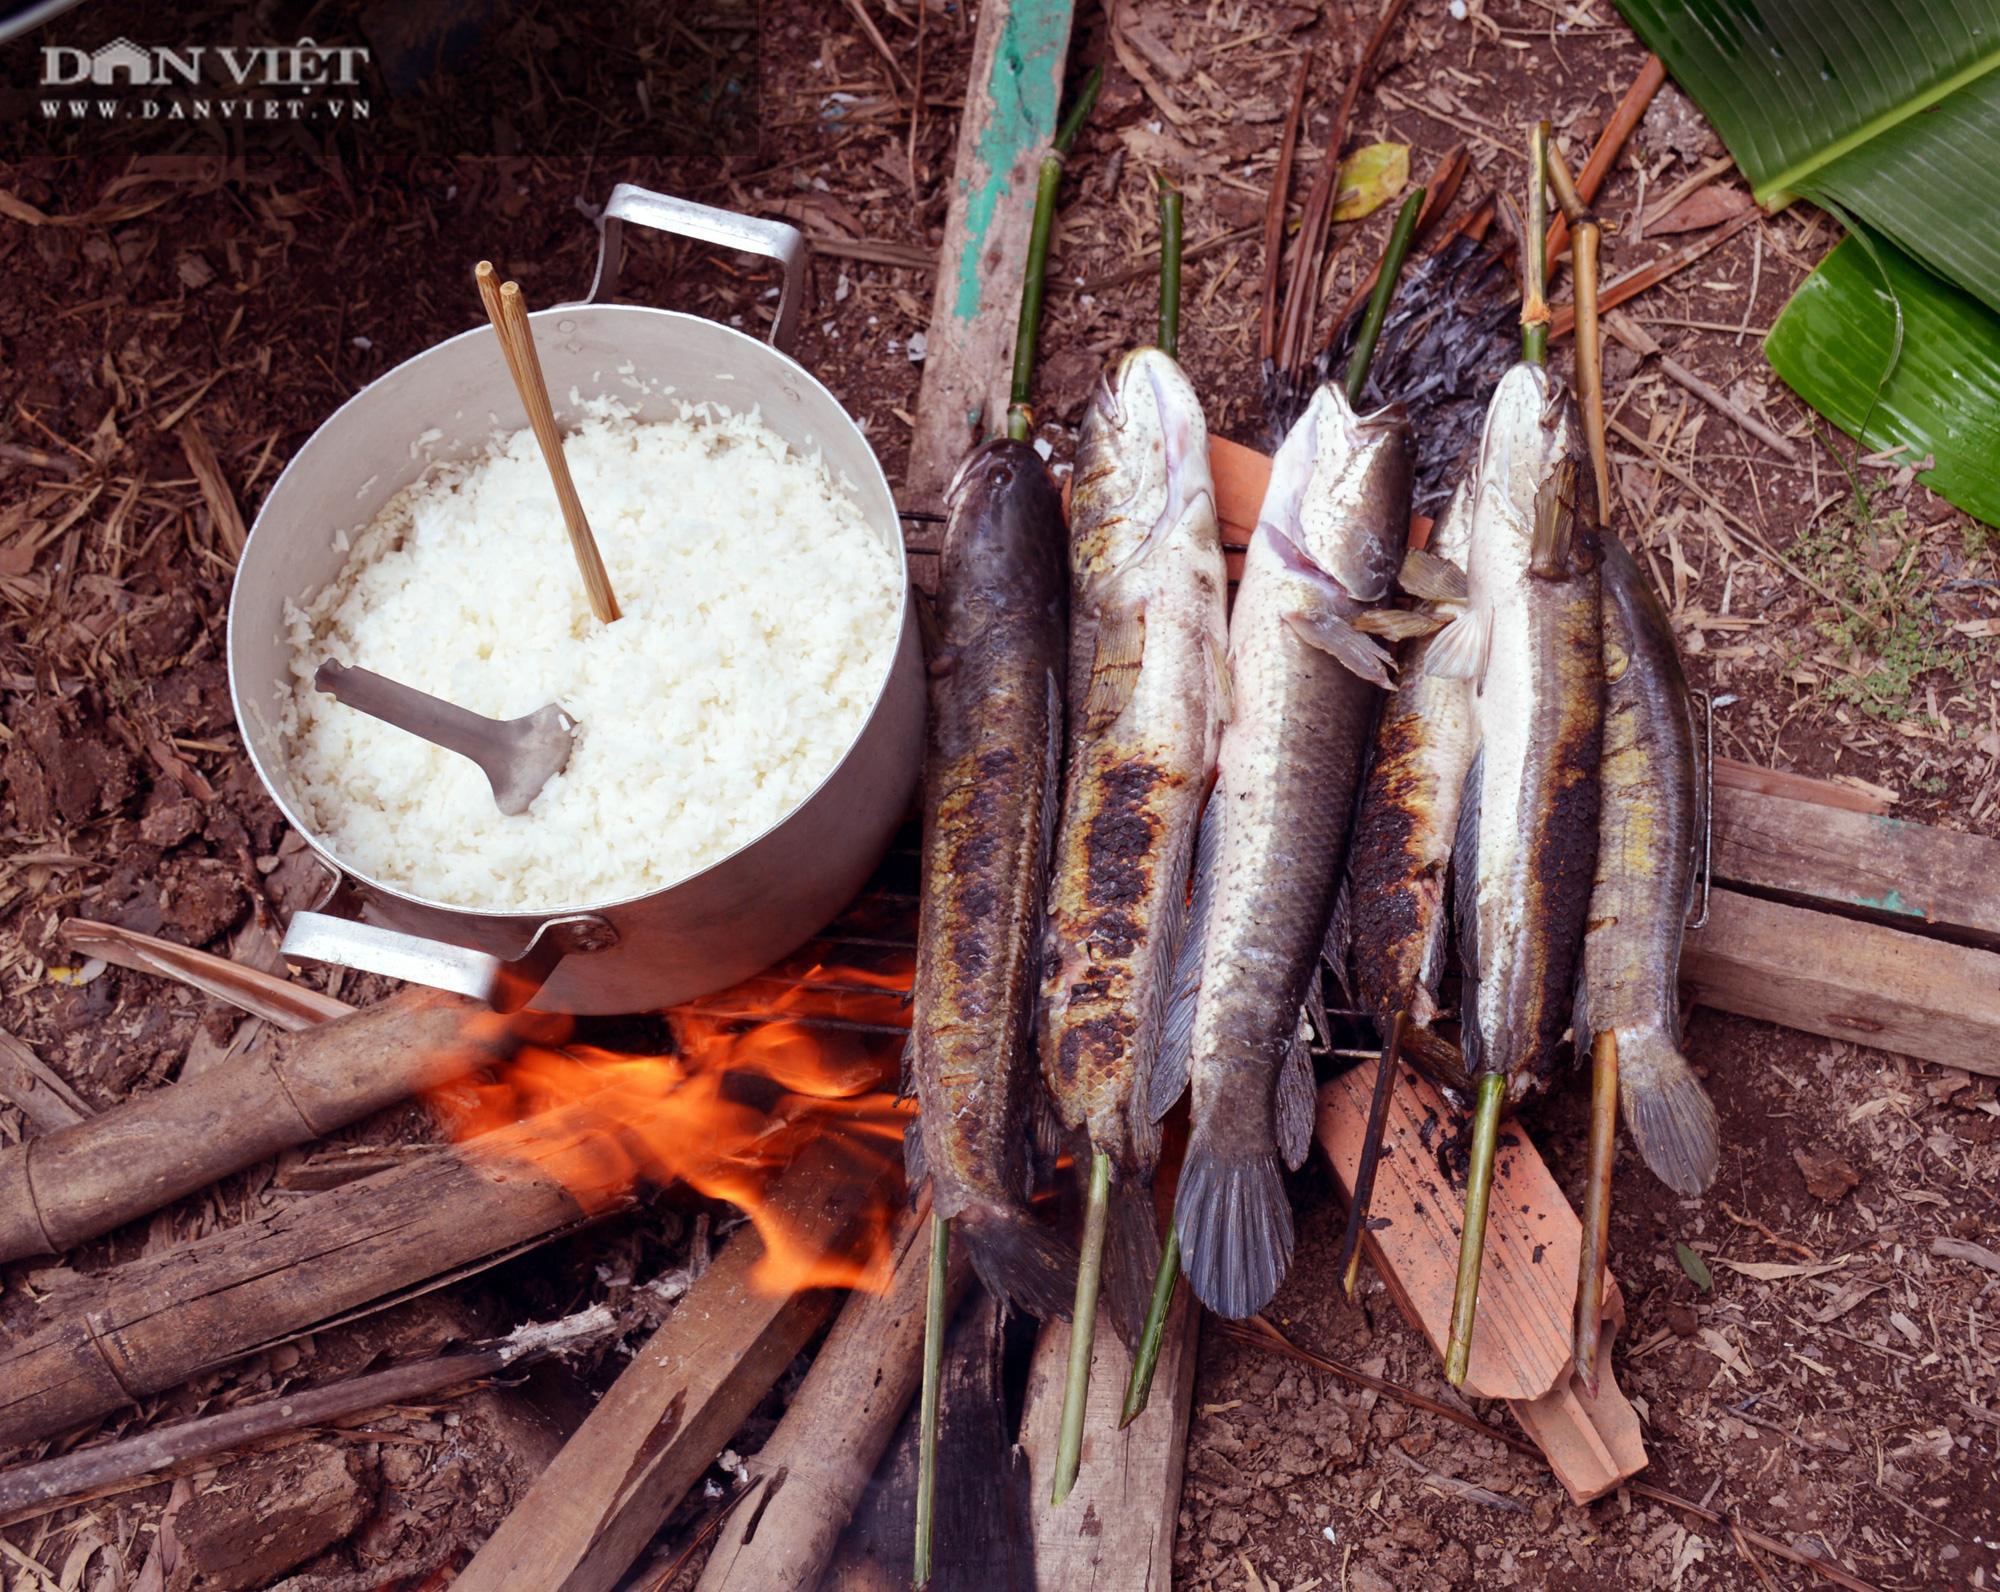 Về Cà Mau tát đìa bắt cá đồng to bự mang nướng than giữa đồng - Ảnh 21.